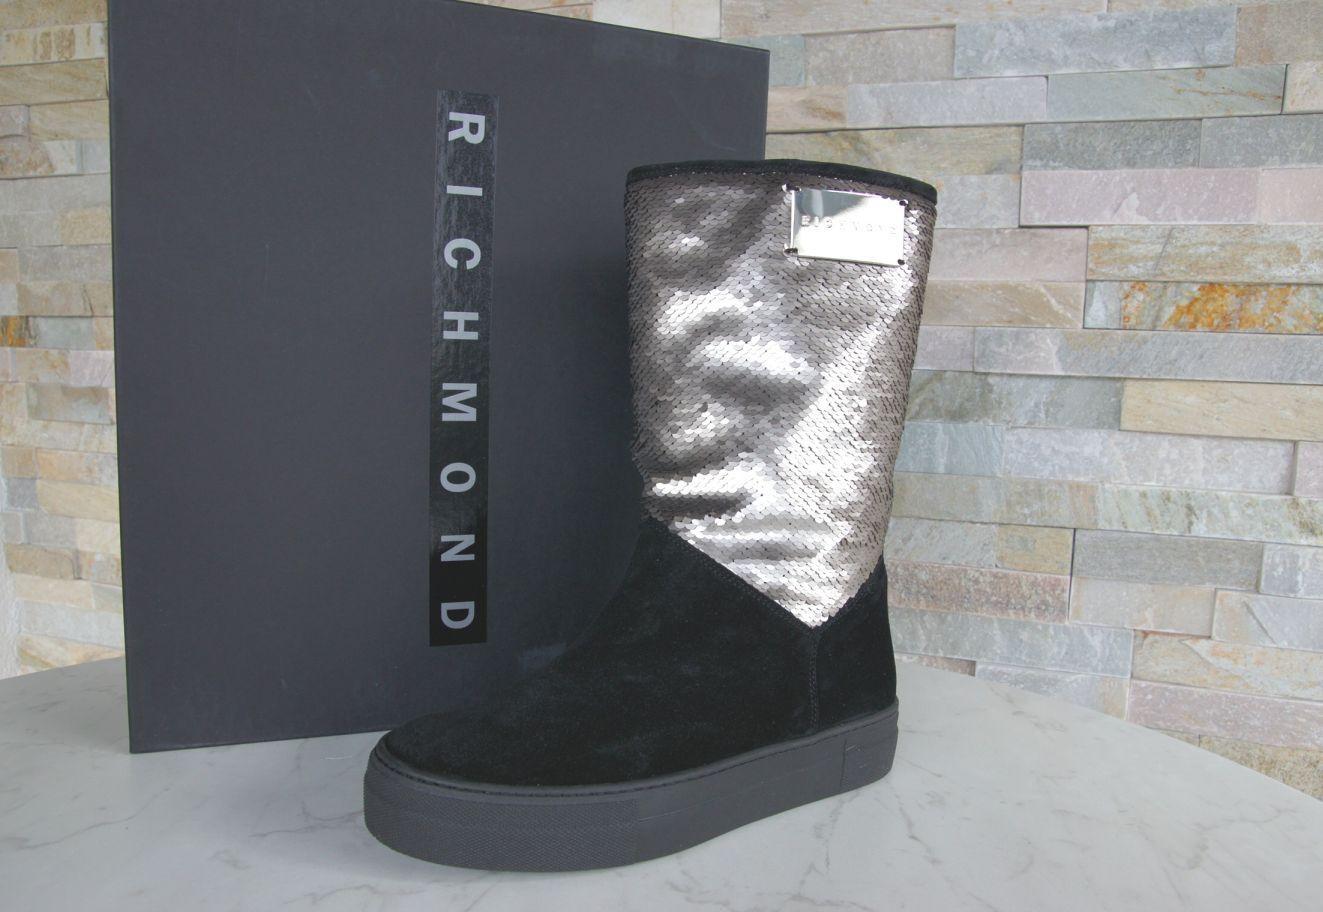 Richmond Gr 36 botas de Invierno Piel Zapatos Lentejuelas Nuevo Antiguo